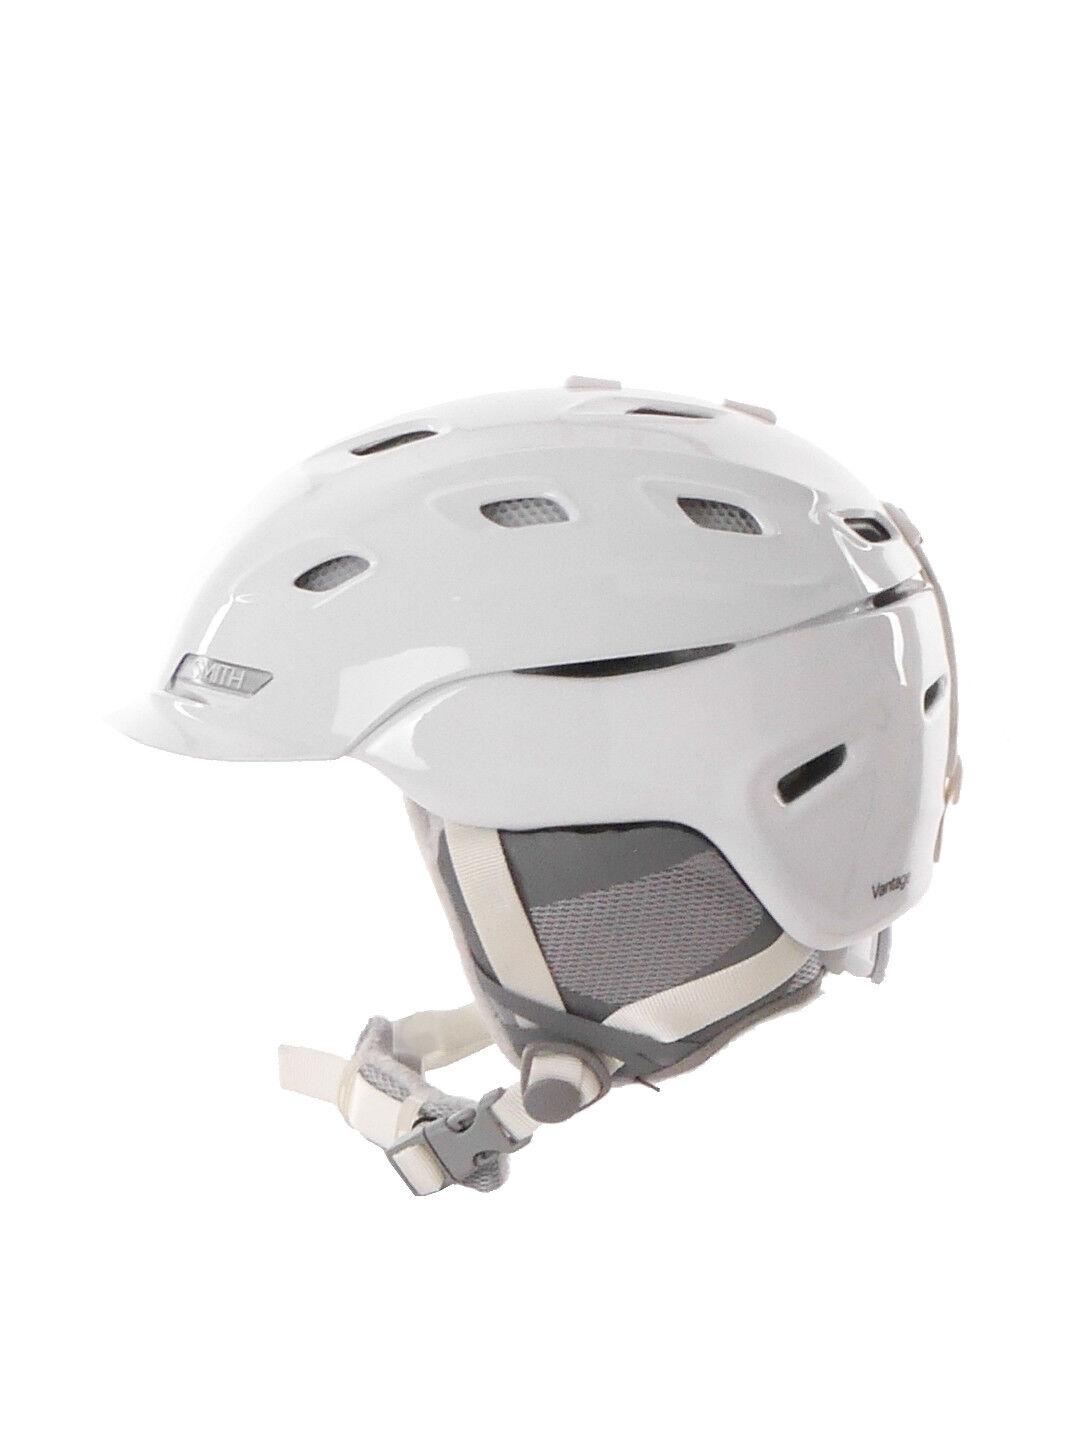 Smith Casco  de Snowboard Esquí Vantage W whiteo colors Lisos Ohrenpolster  order now lowest prices